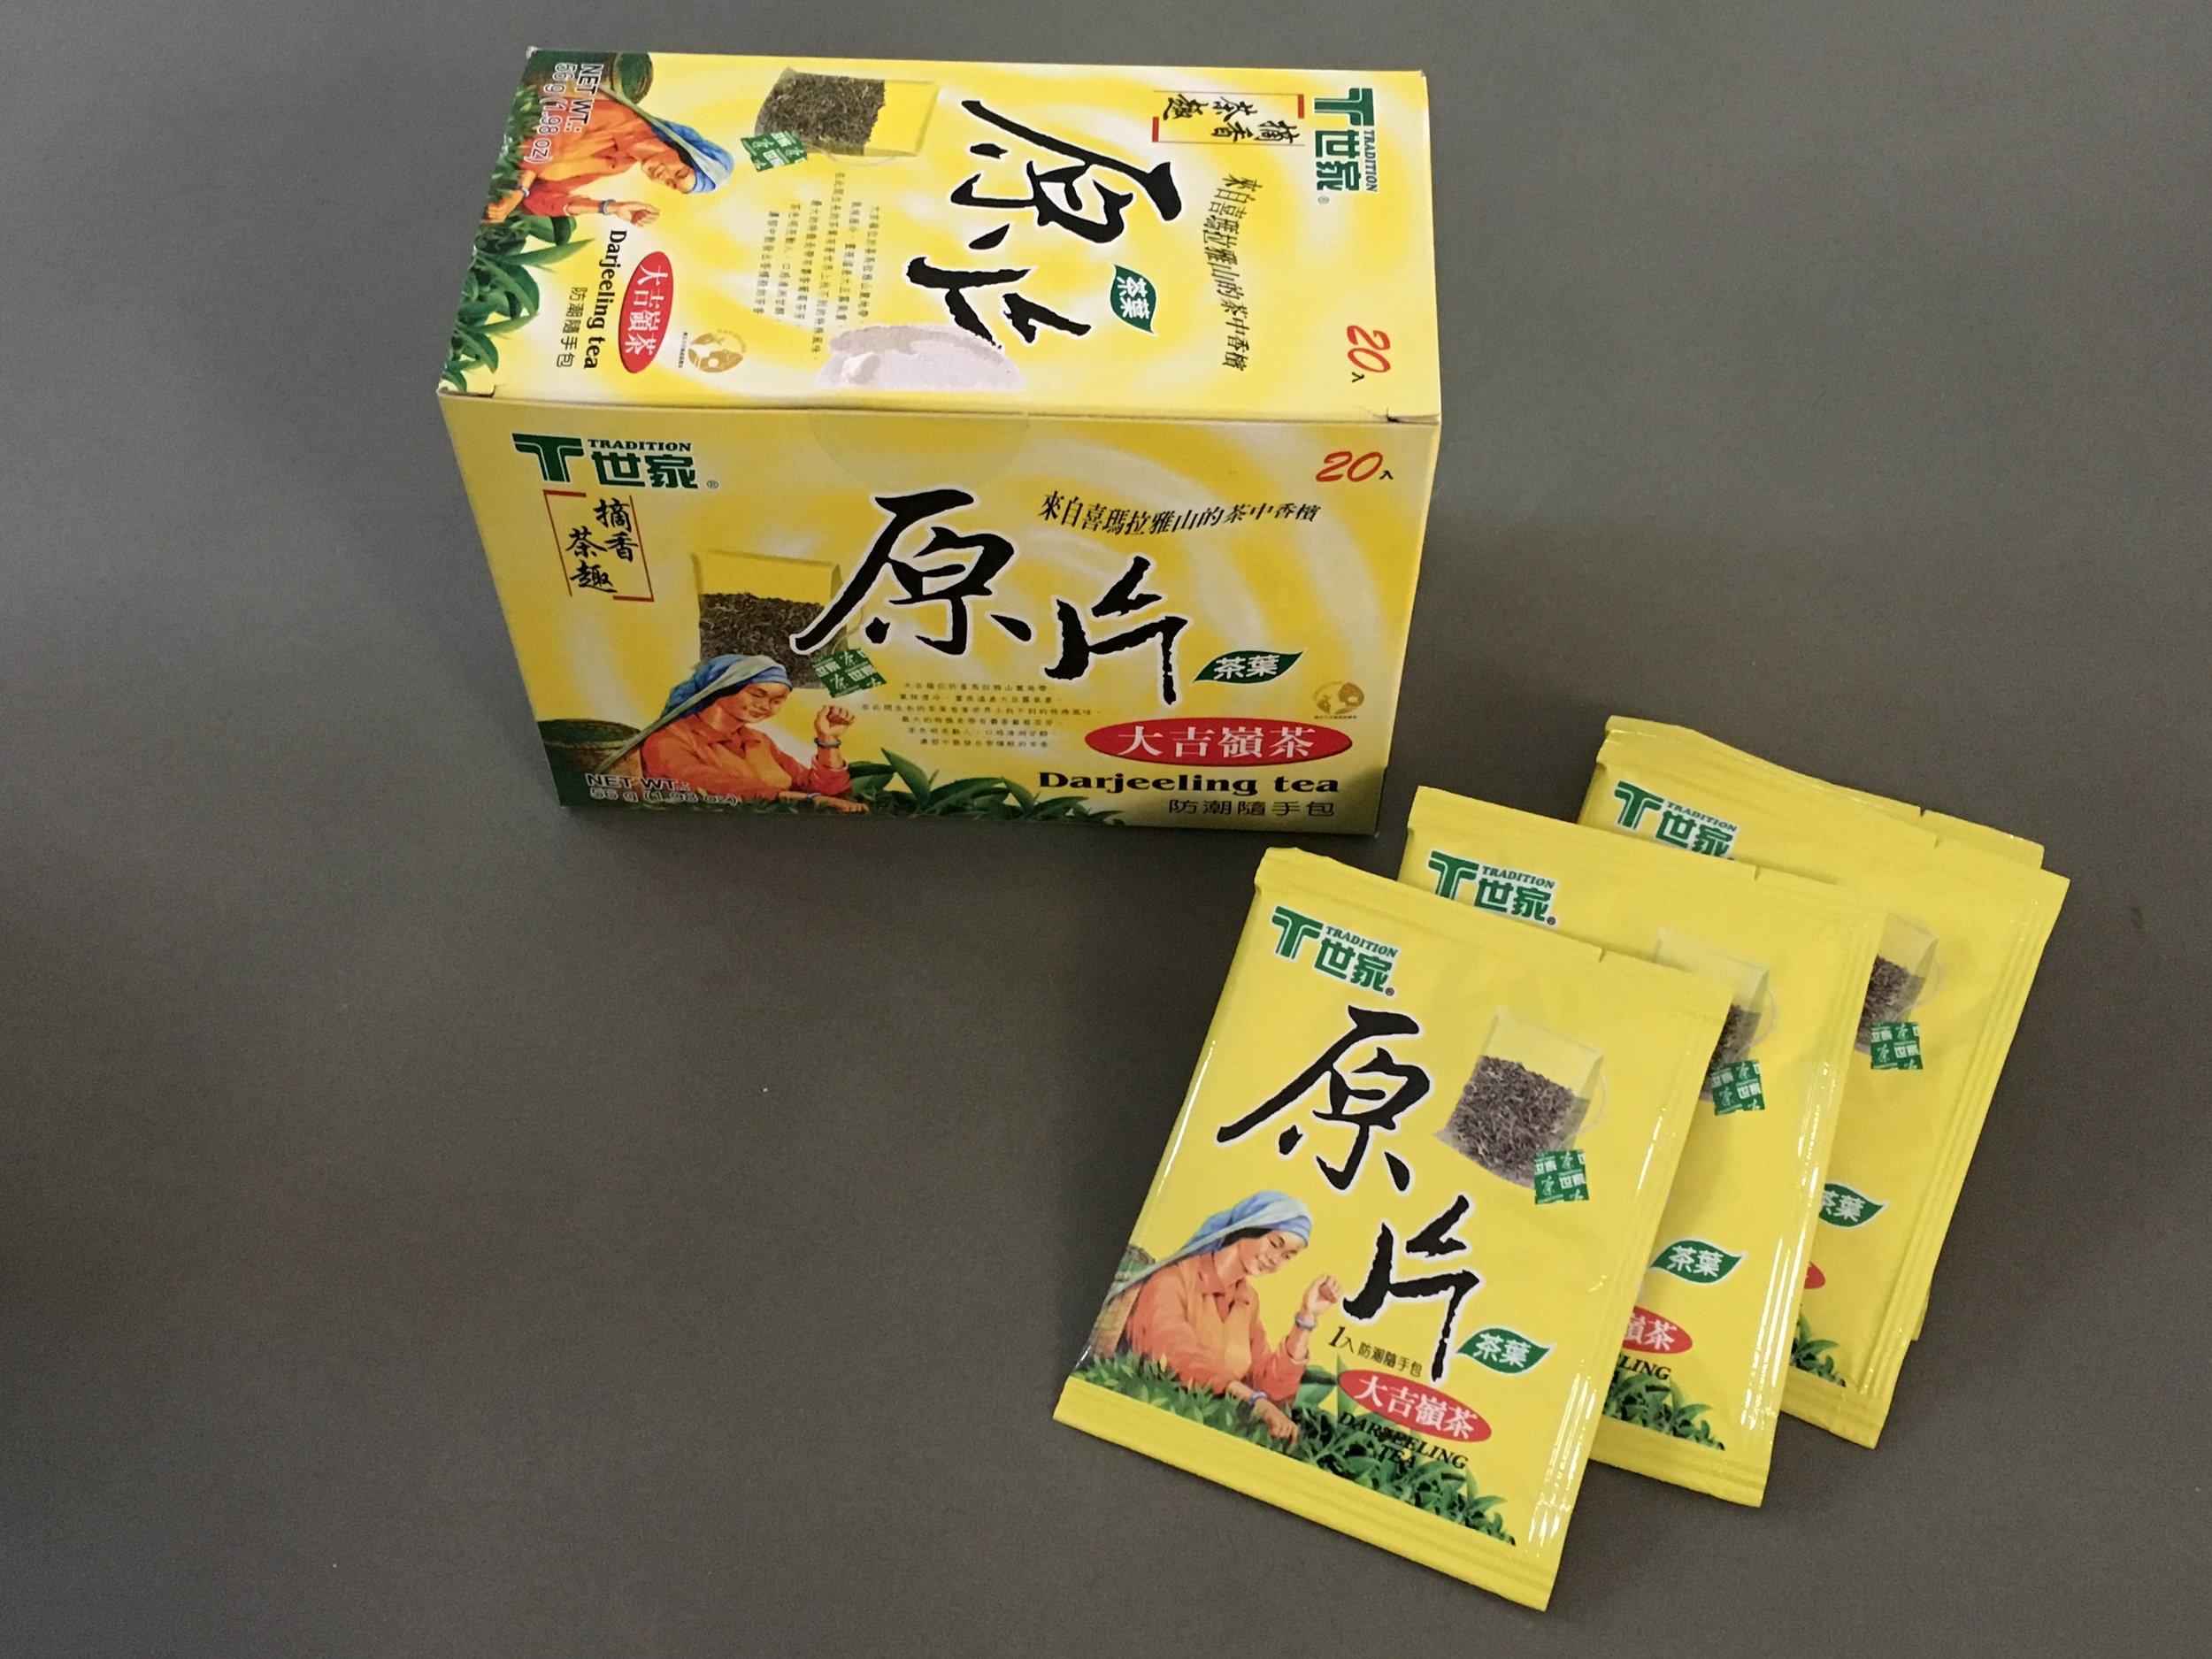 darjeeling tea.JPG